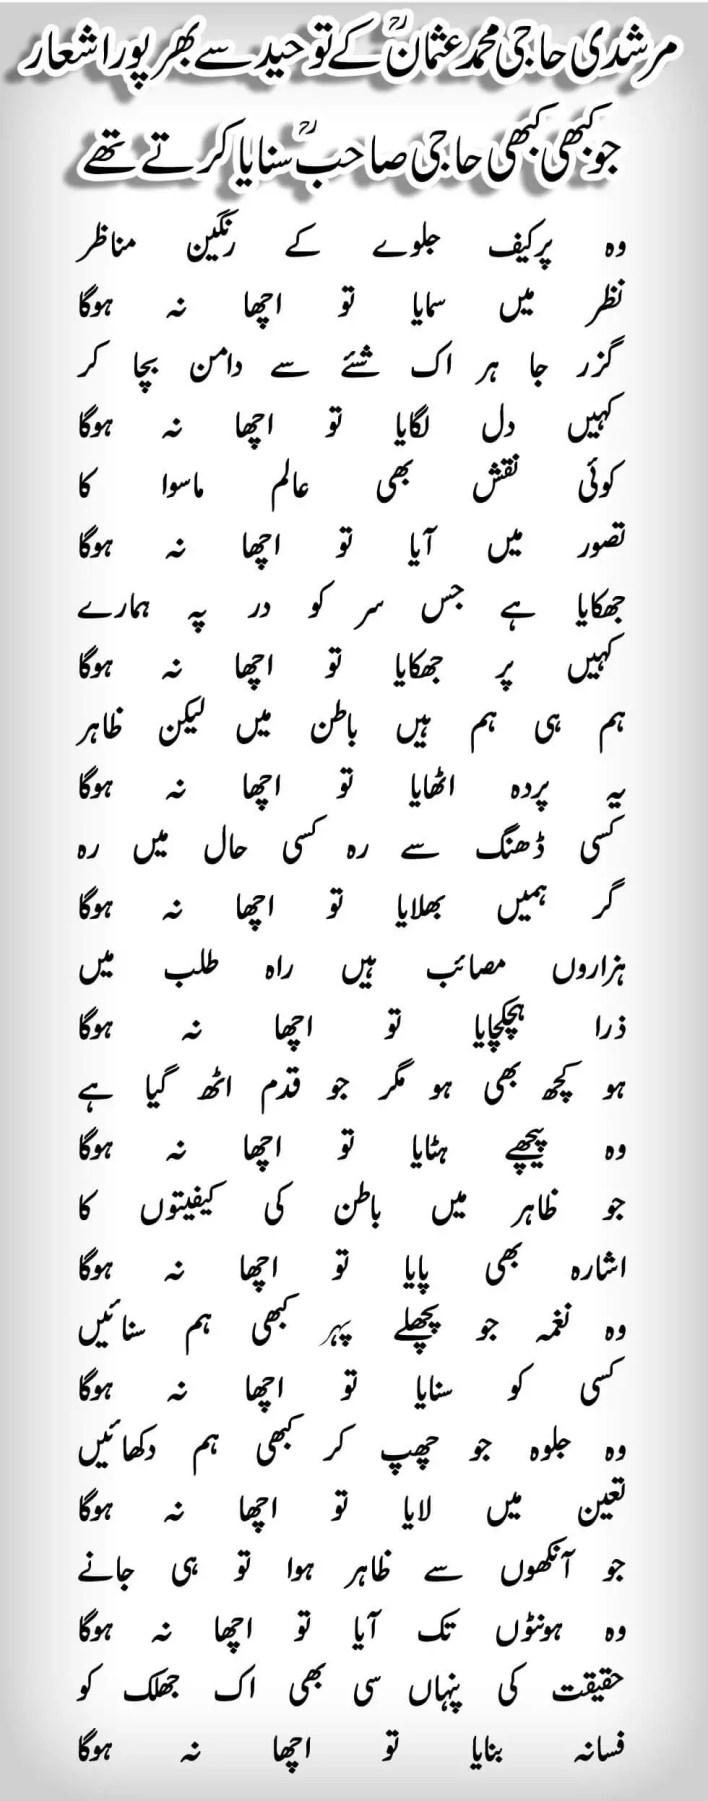 Haji_Usman_Ashaar_sep2016